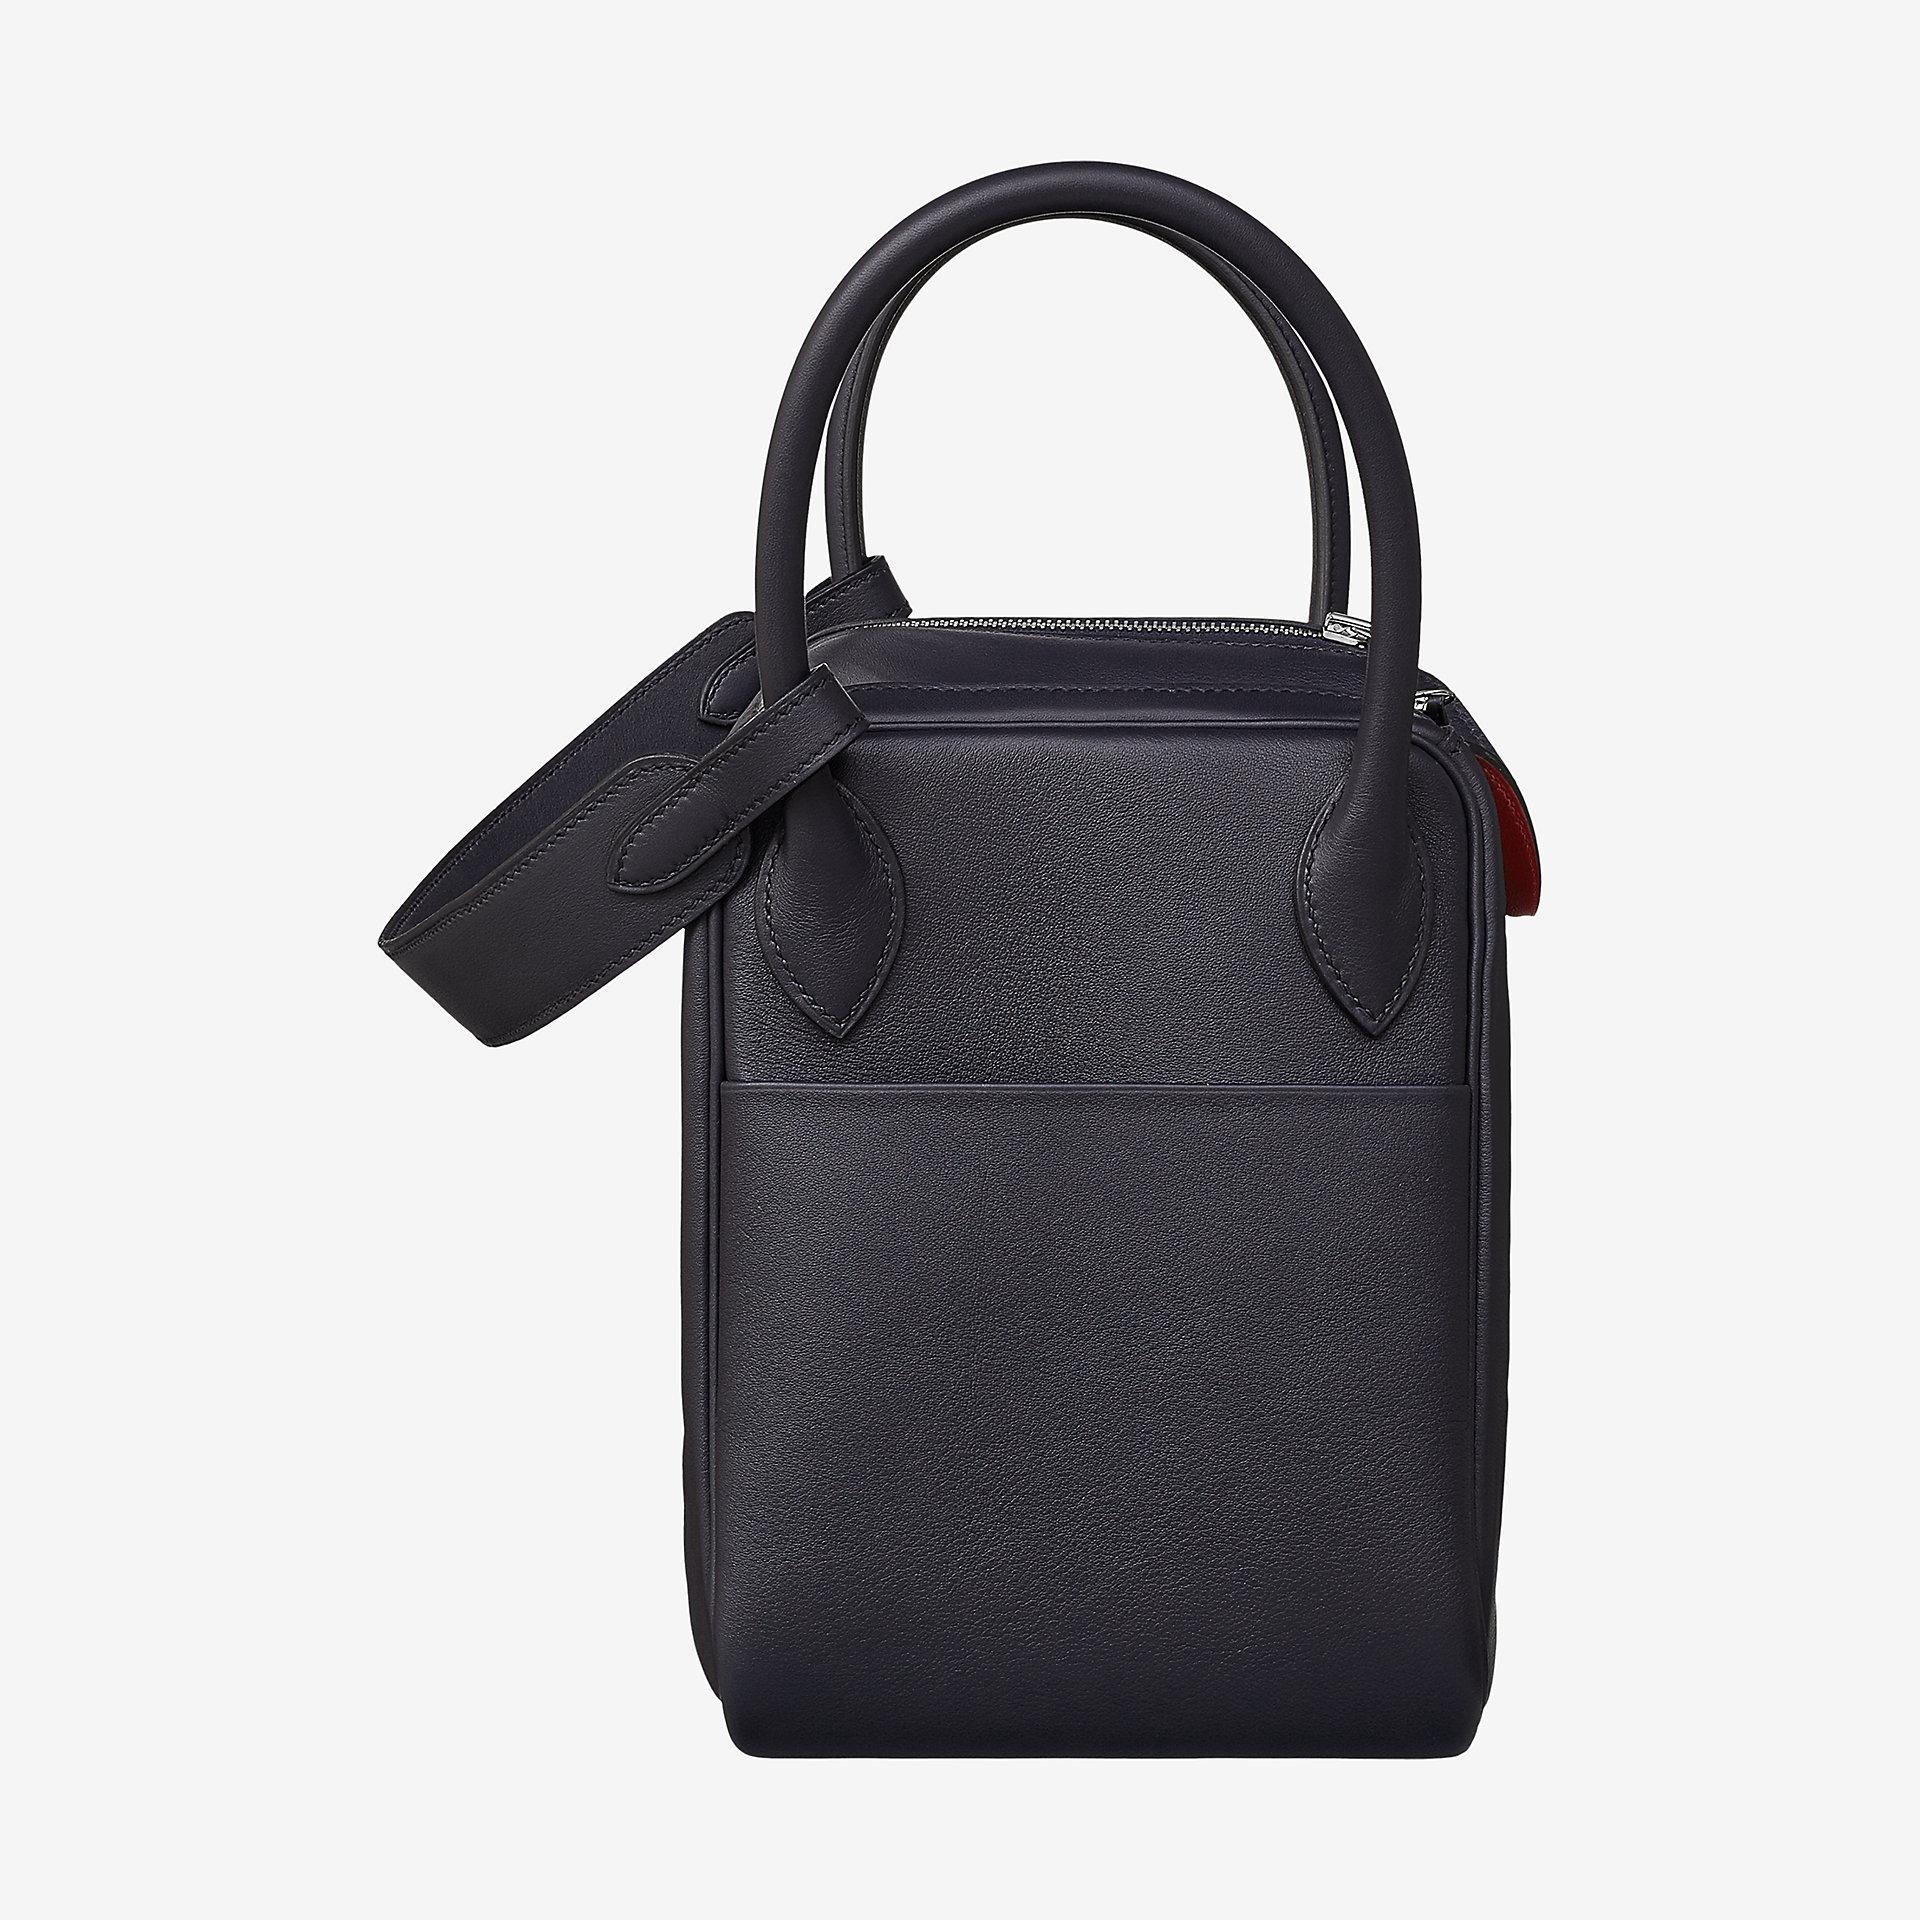 爱马仕琳迪包 被人称为是最具名媛风范的包袋 黑色 Swift calfskin